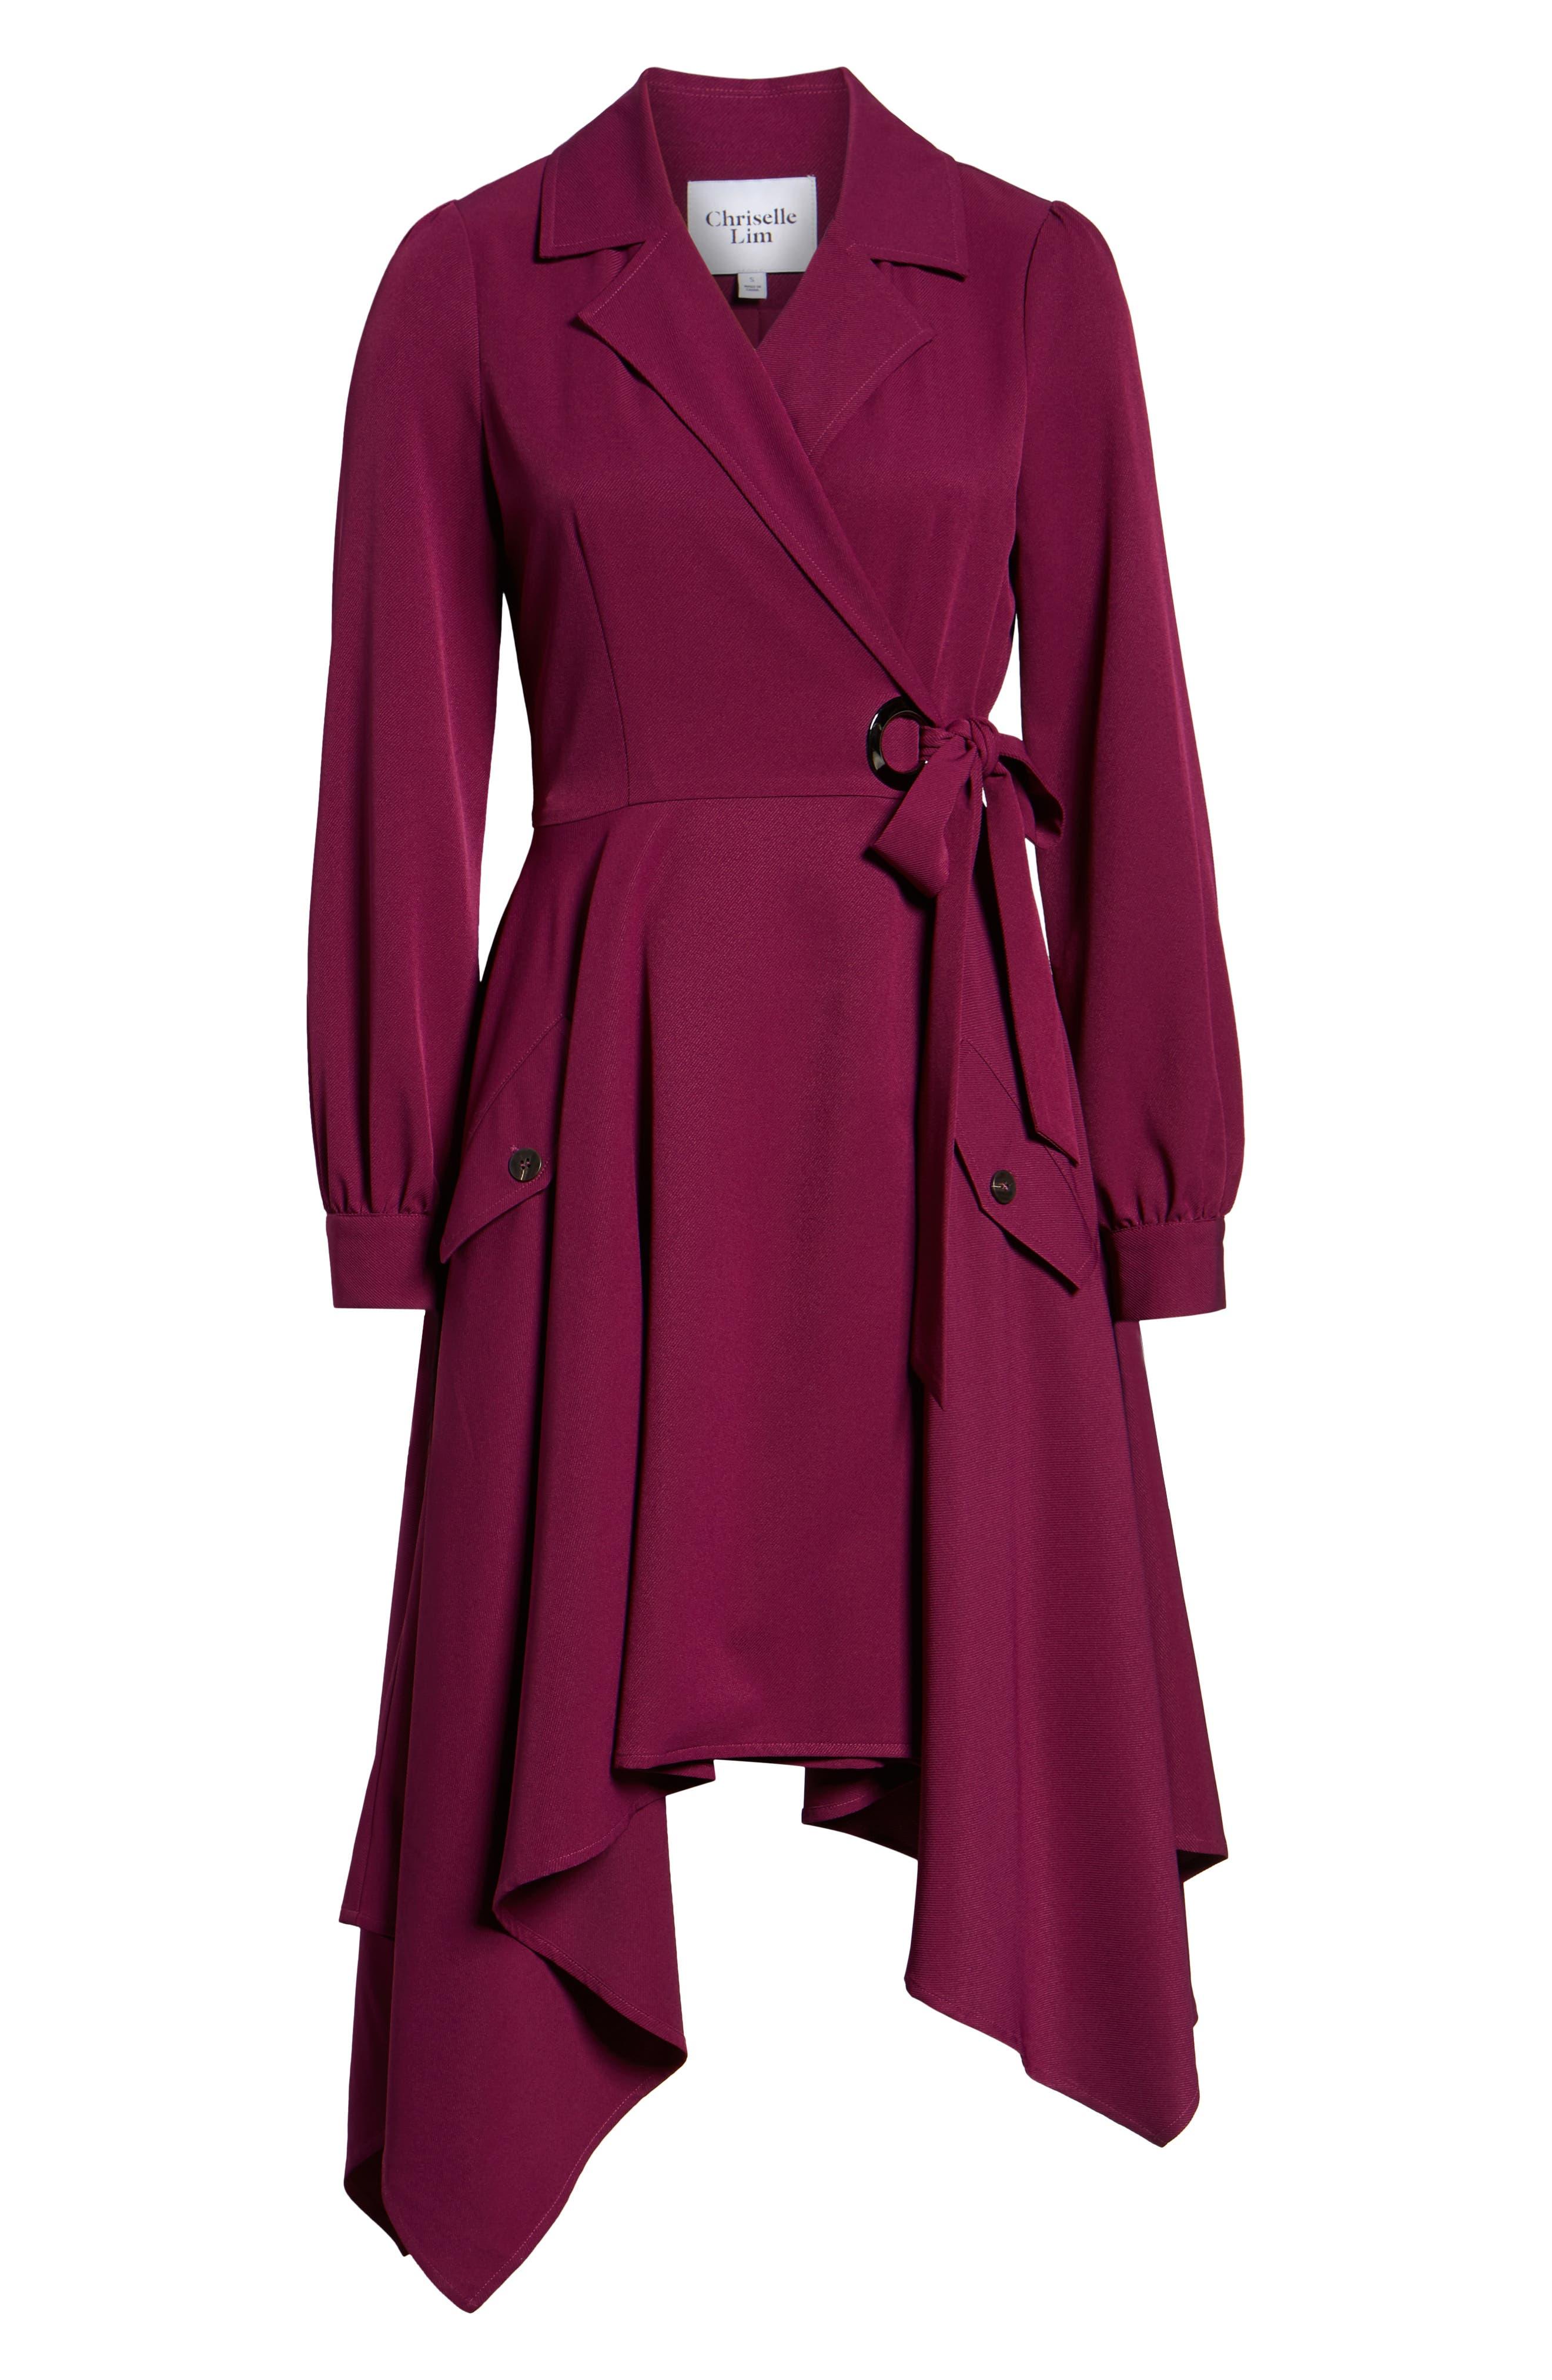 Chriselle Lim Wren Trench Dress,                             Alternate thumbnail 7, color,                             MAGENTA